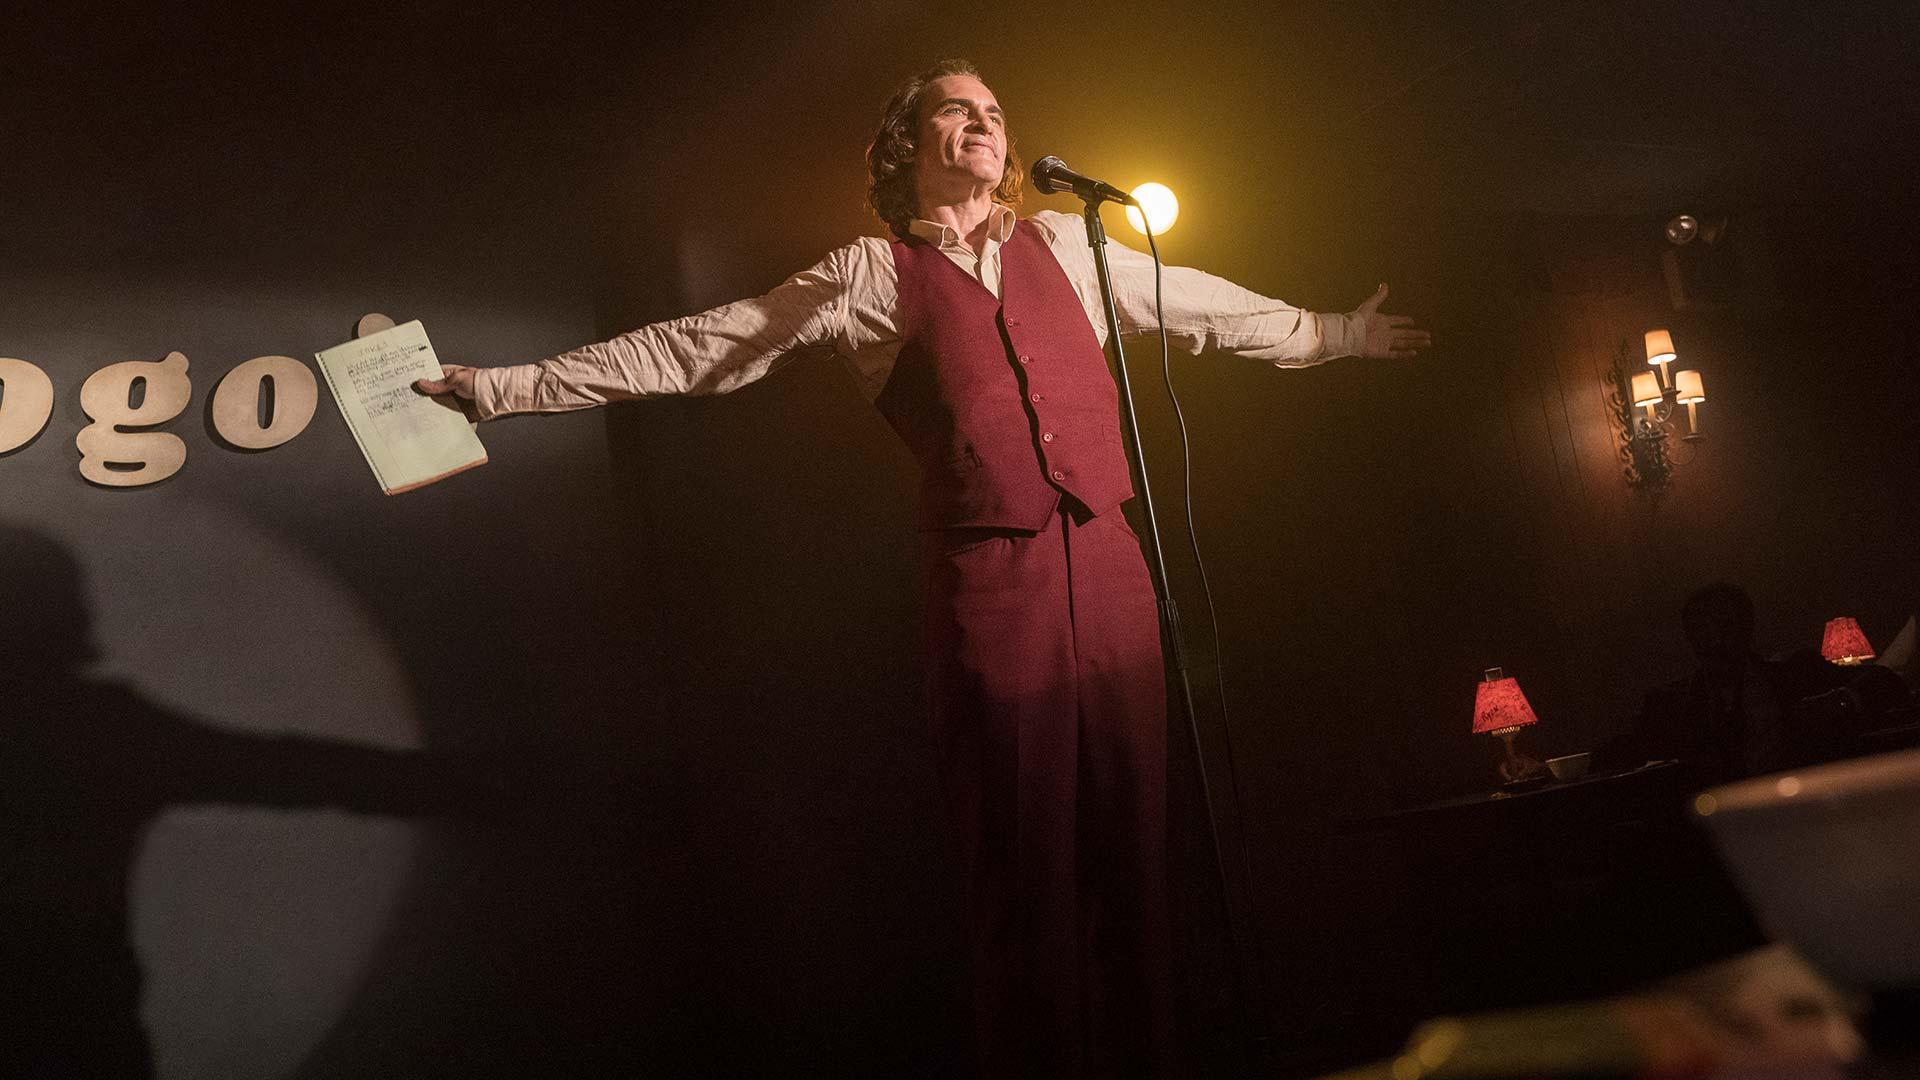 Estrenos: Un huracán apodado Joker arrasa las salas de cine con un genial Joaquin Phoenix